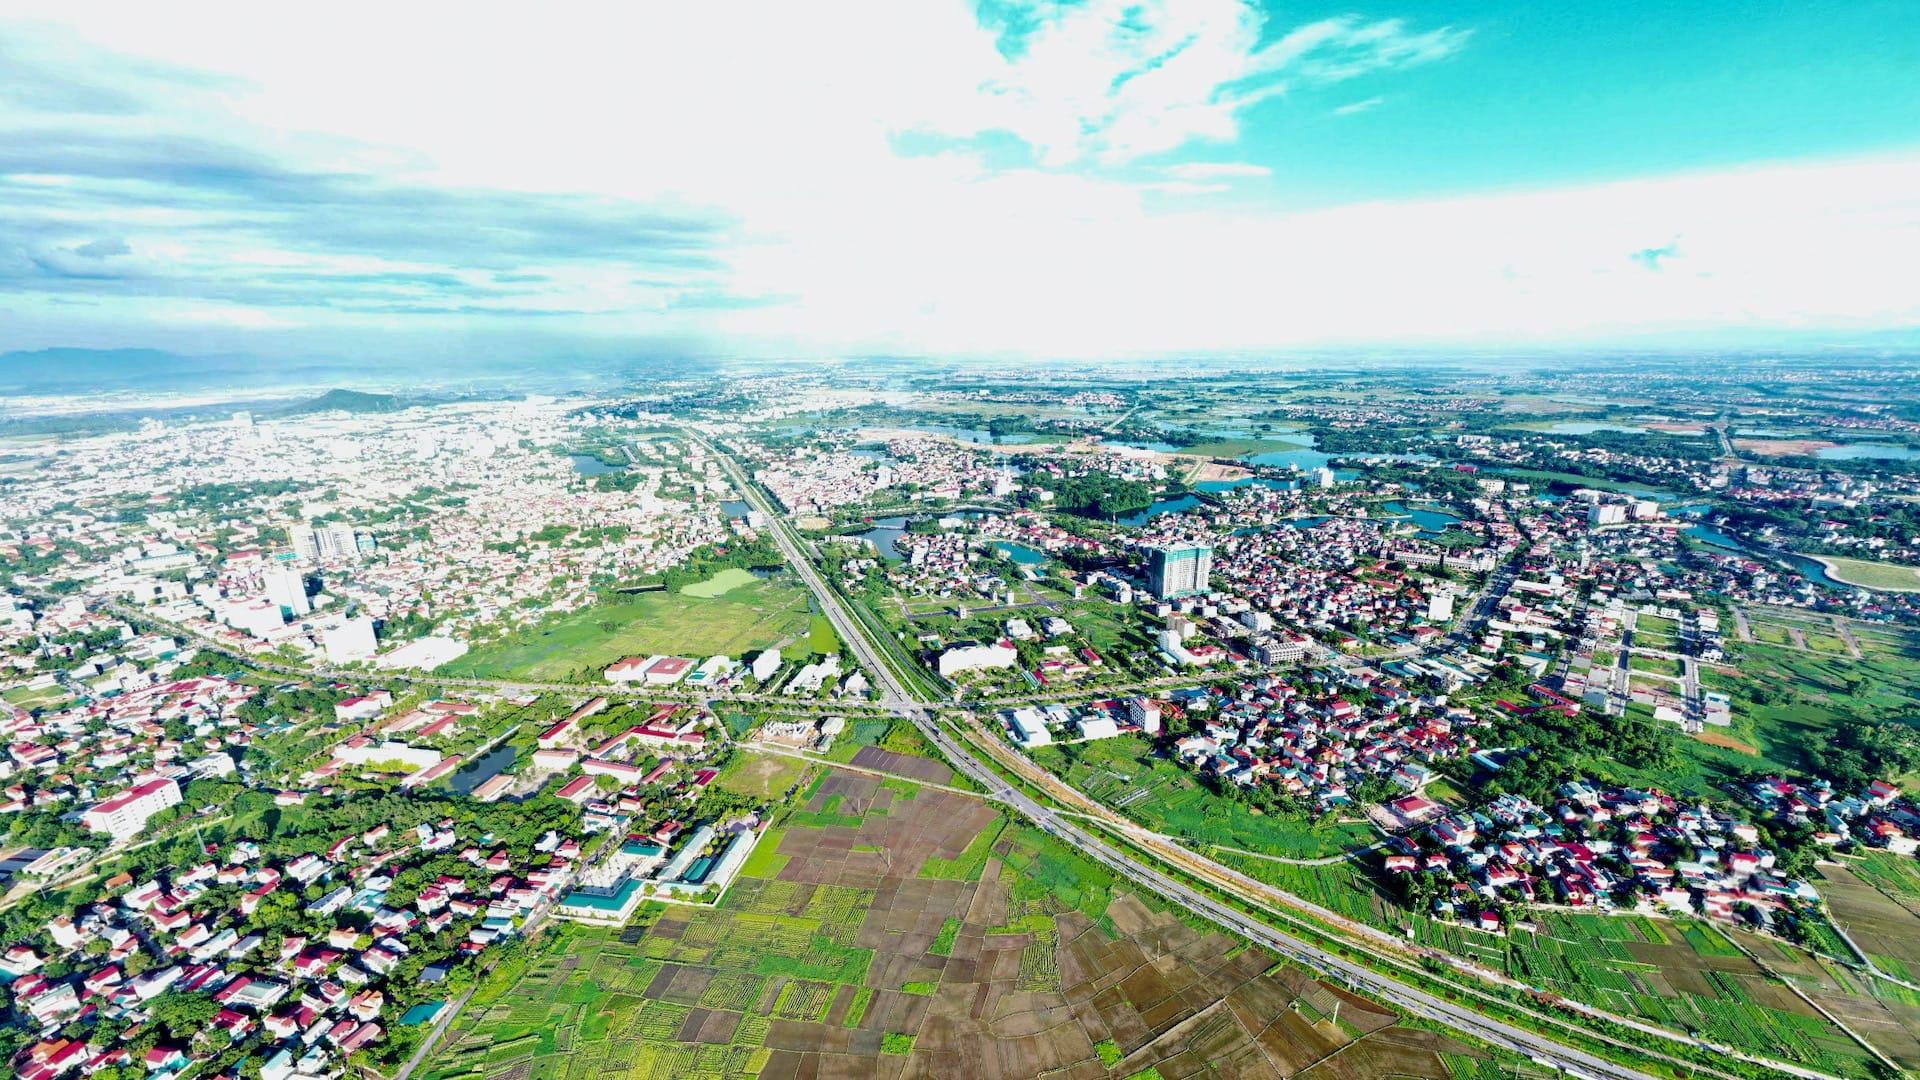 Vĩnh Phúc: Đầu tư xây dựng Khu đô thị mới hơn 1.000 tỷ đồng